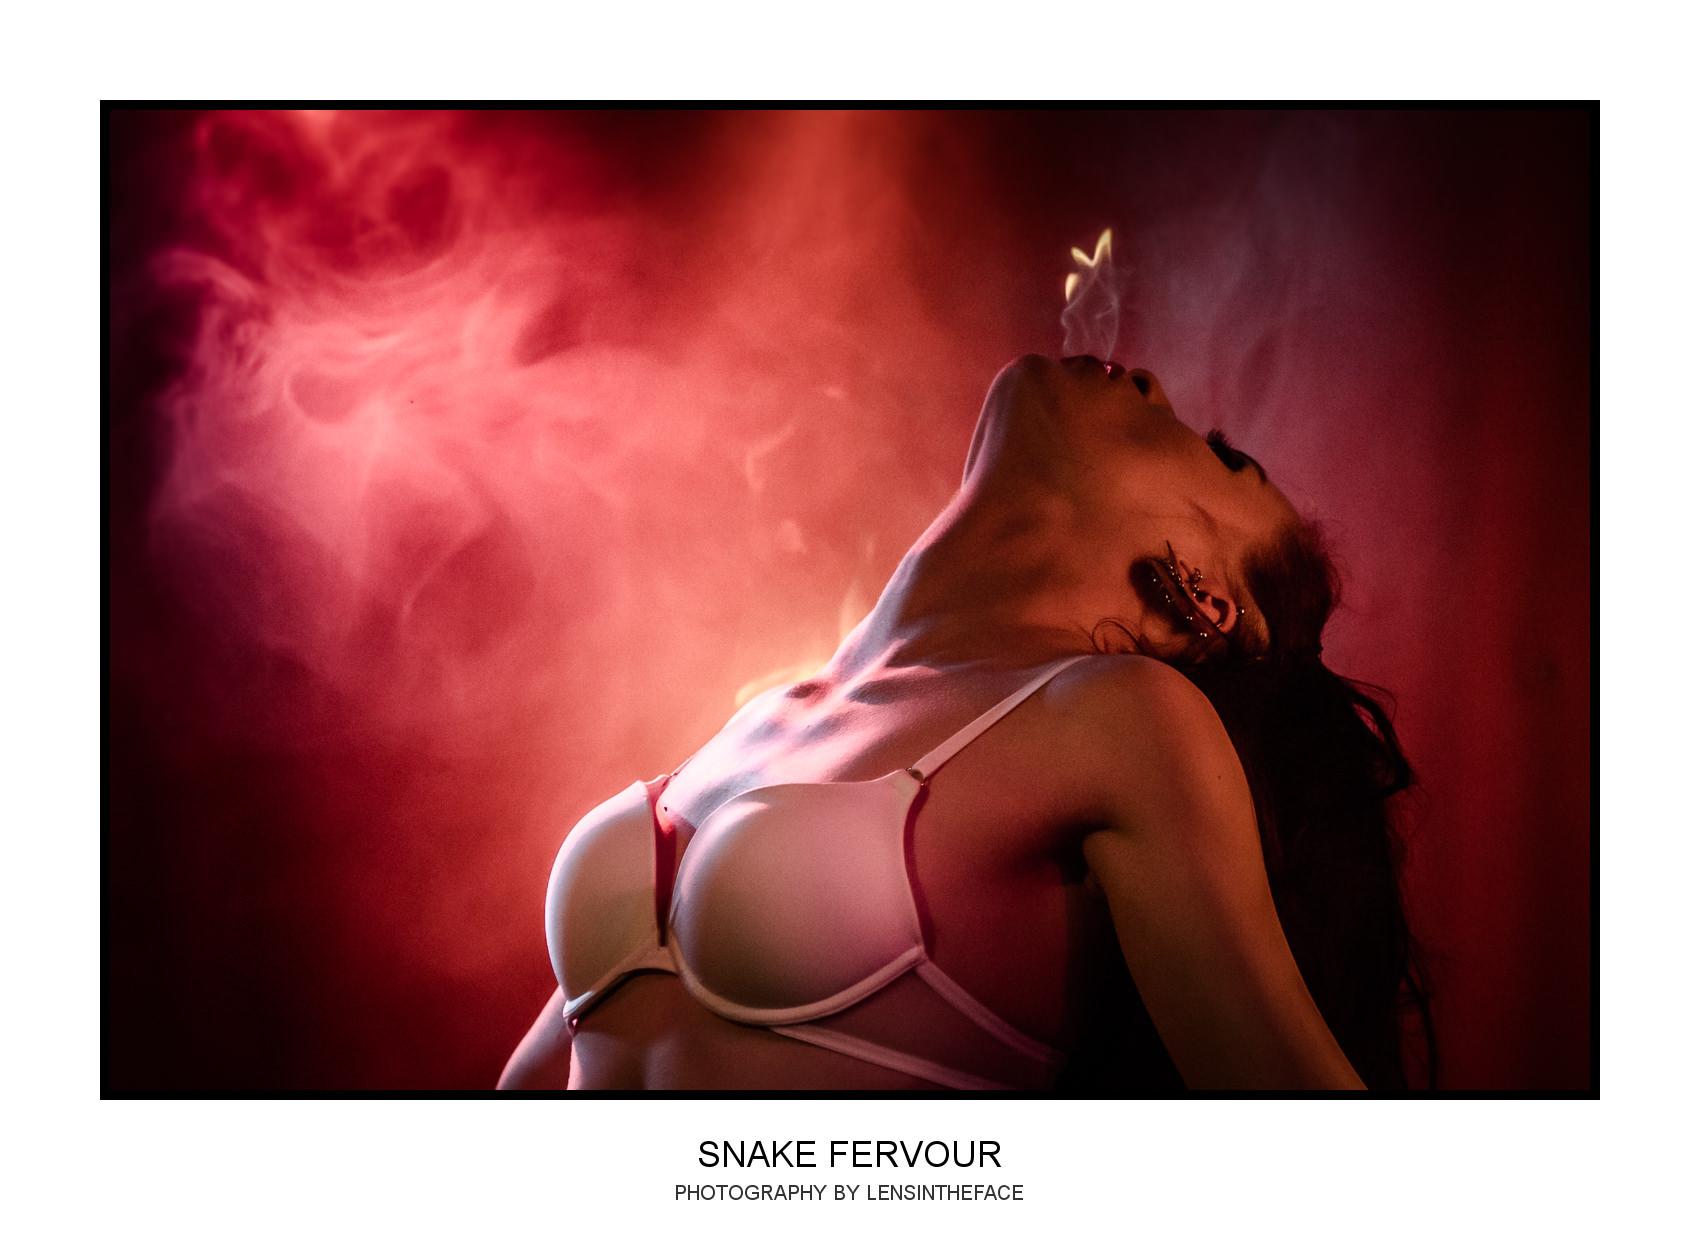 Snake Fervour - 10